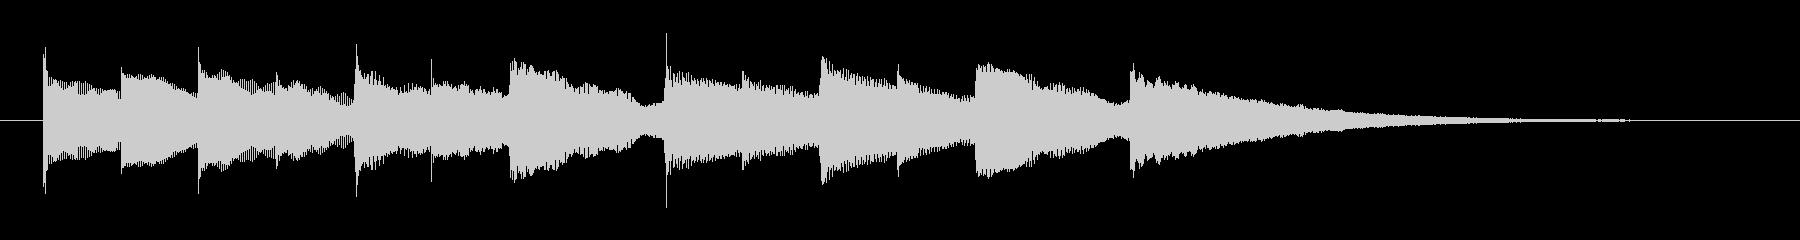 ハイケンスのセレナーデのオルゴールの未再生の波形